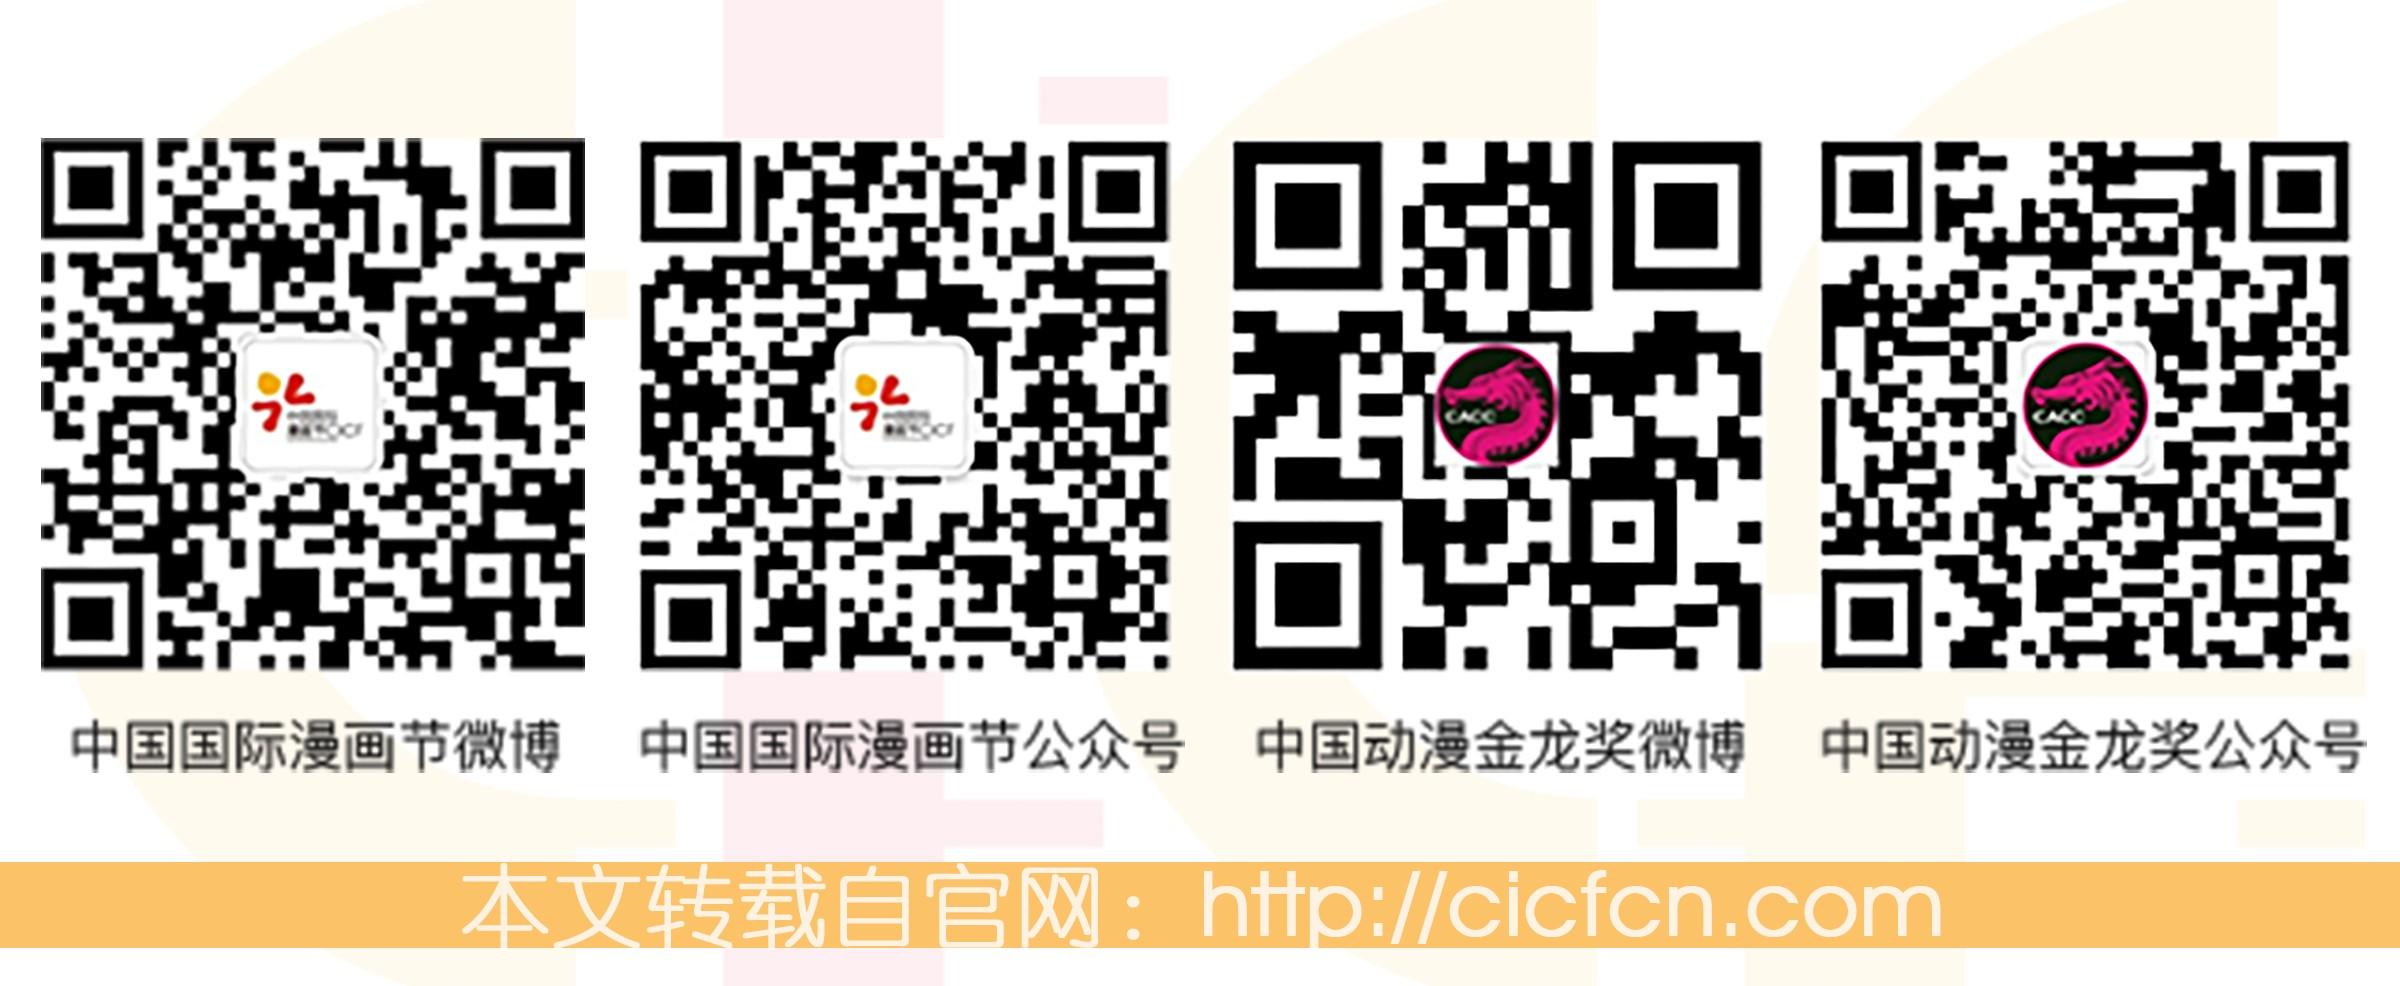 第16届中国动漫金龙奖提名名单揭晓! 原创专区-第8张